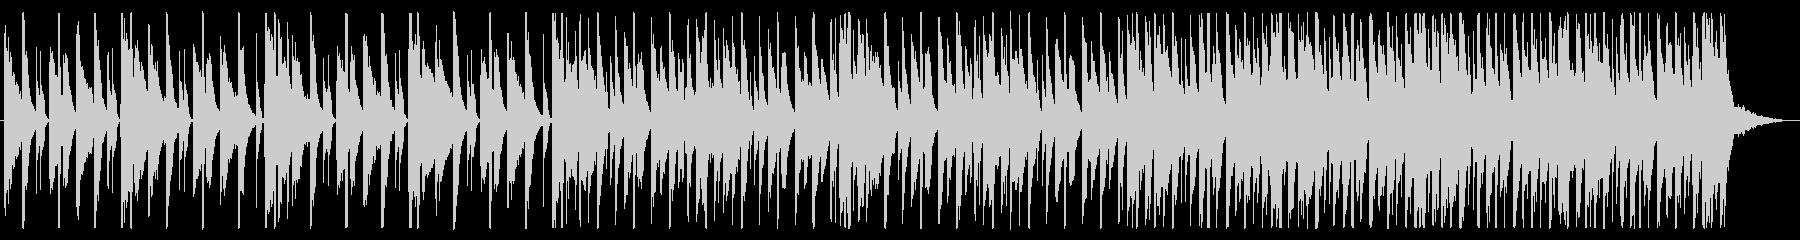 浮遊感/不思議/R&B_No490_2の未再生の波形